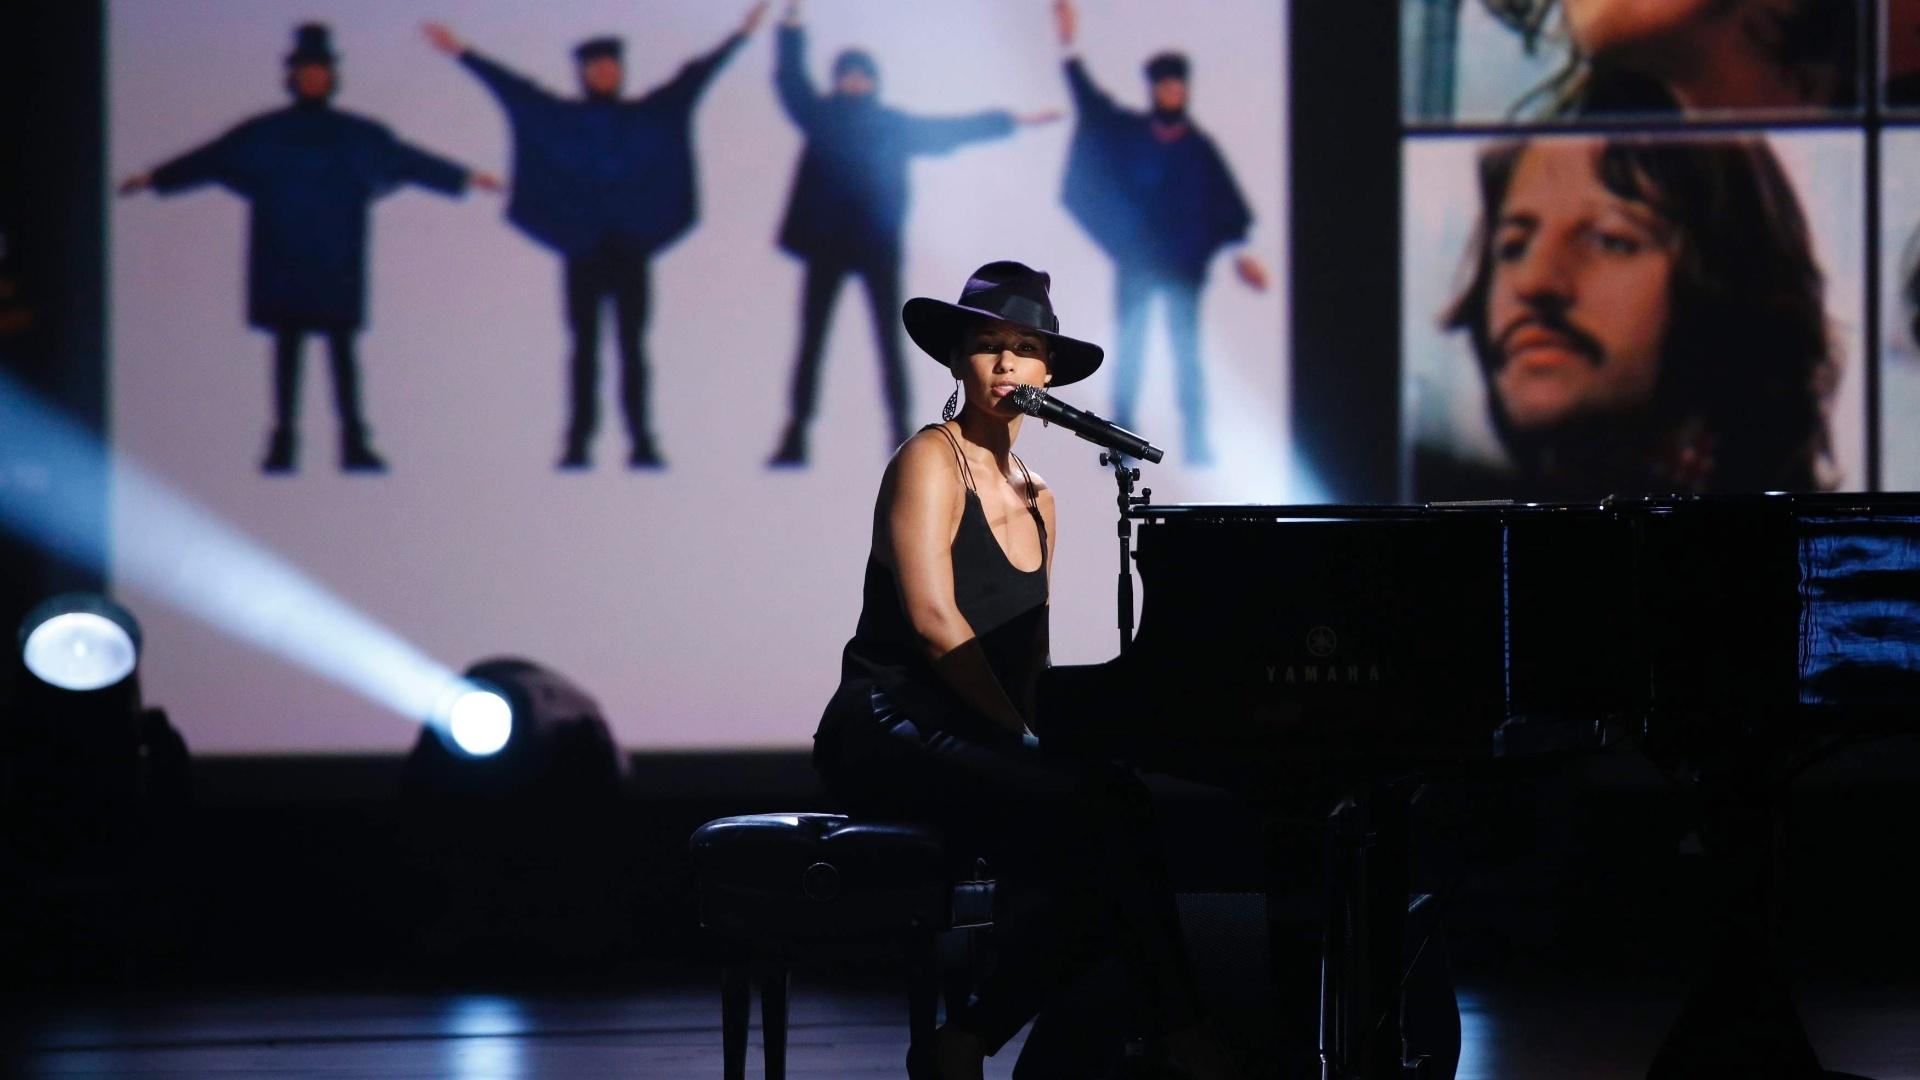 27.jan.2014 - A cantora Alicia Keys participa da gravação do especial